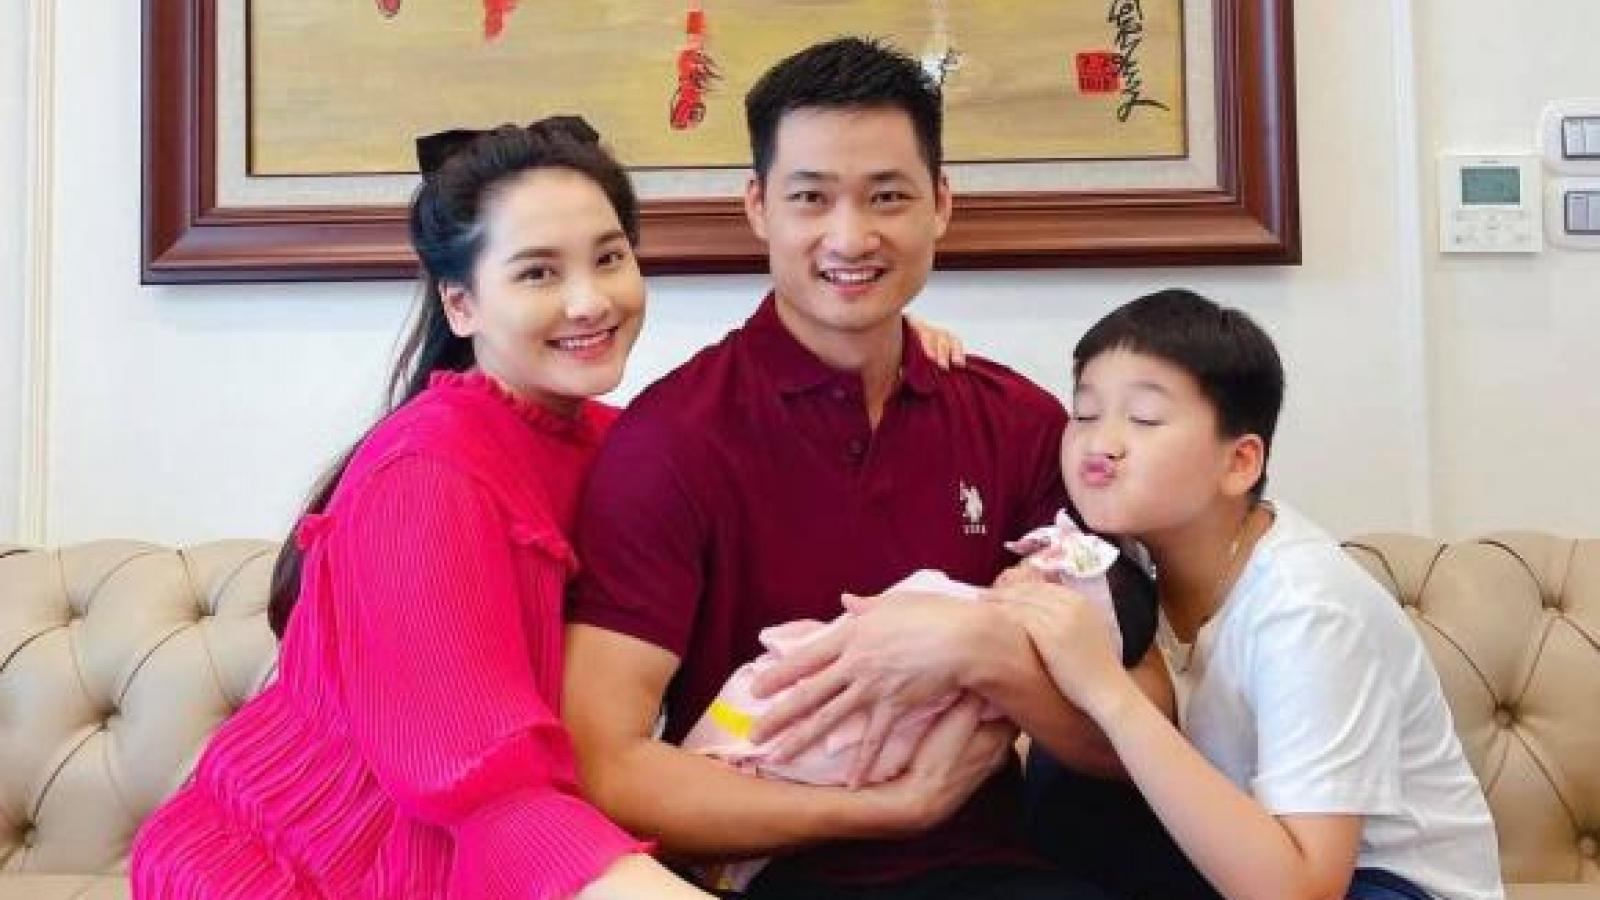 Chuyện showbiz: Bảo Thanh rạng rỡ khoe con gái gần 1 tháng tuổi